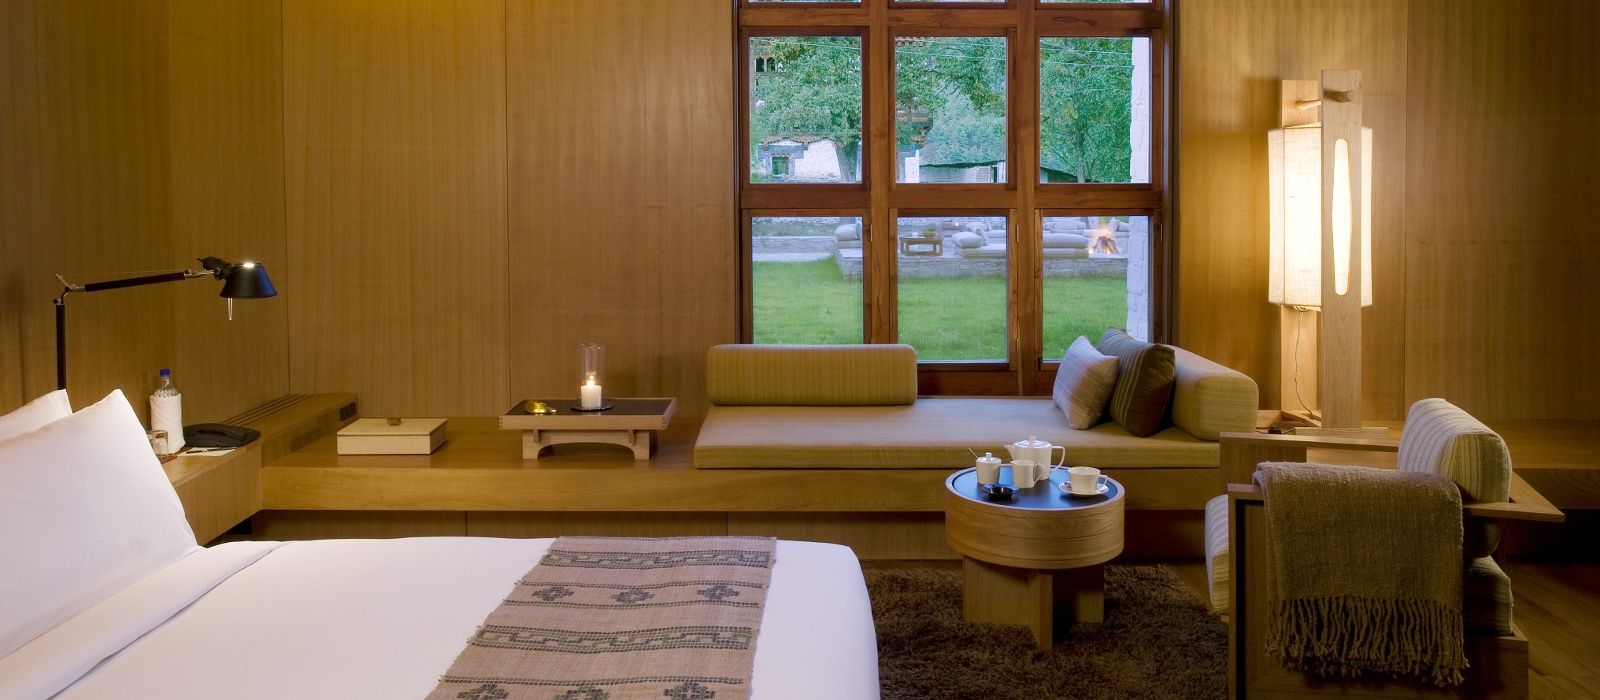 Hotel Amankora Bumthang Bhutan